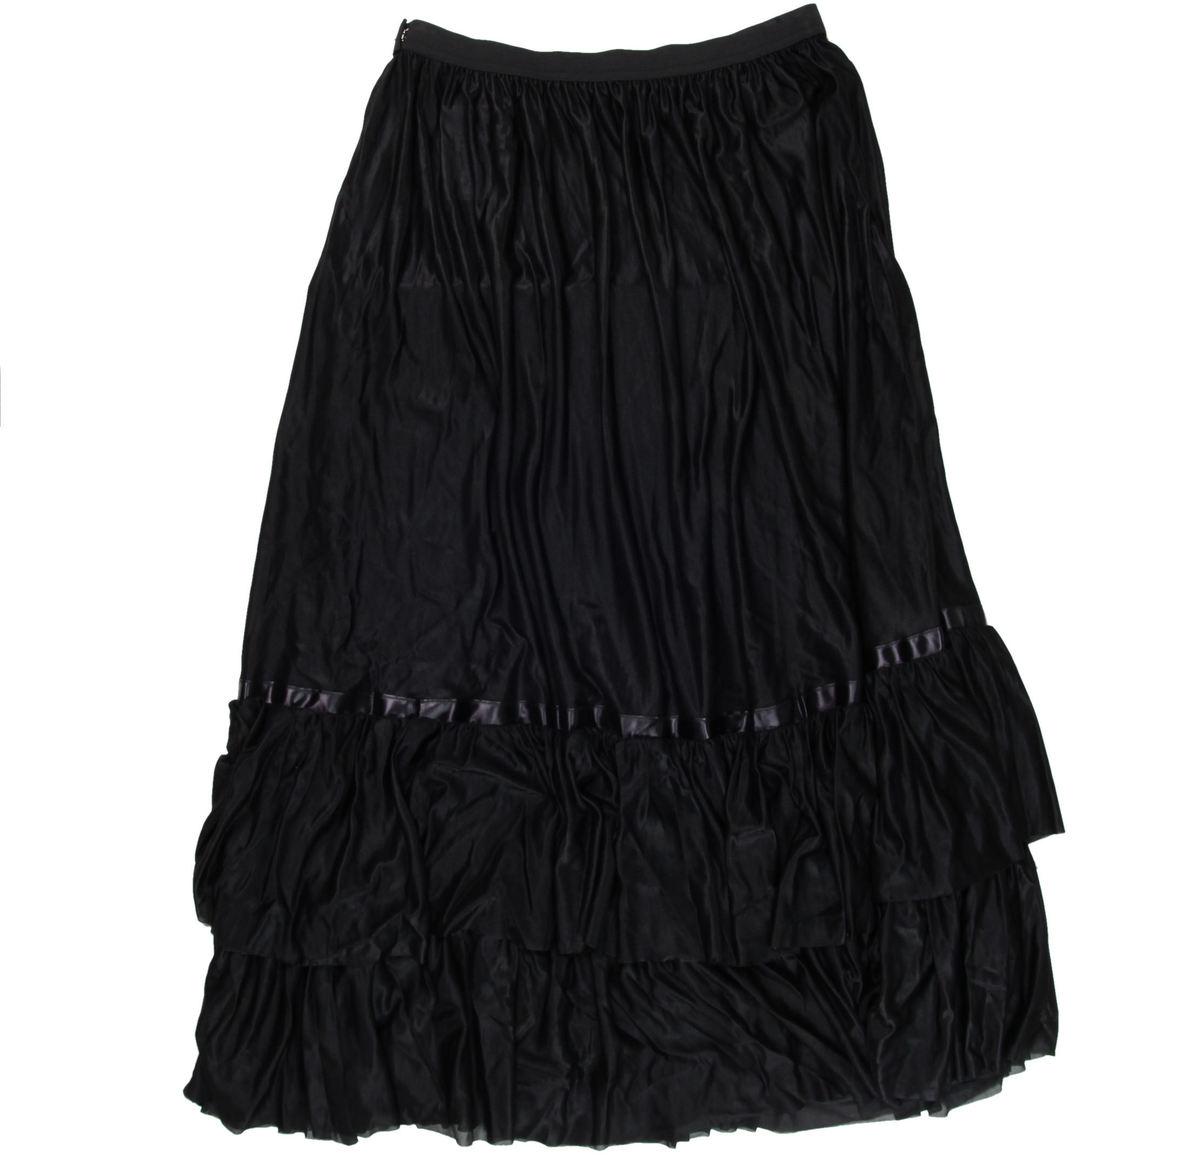 sukně dámská (spodnička) - Black - FDTD43006